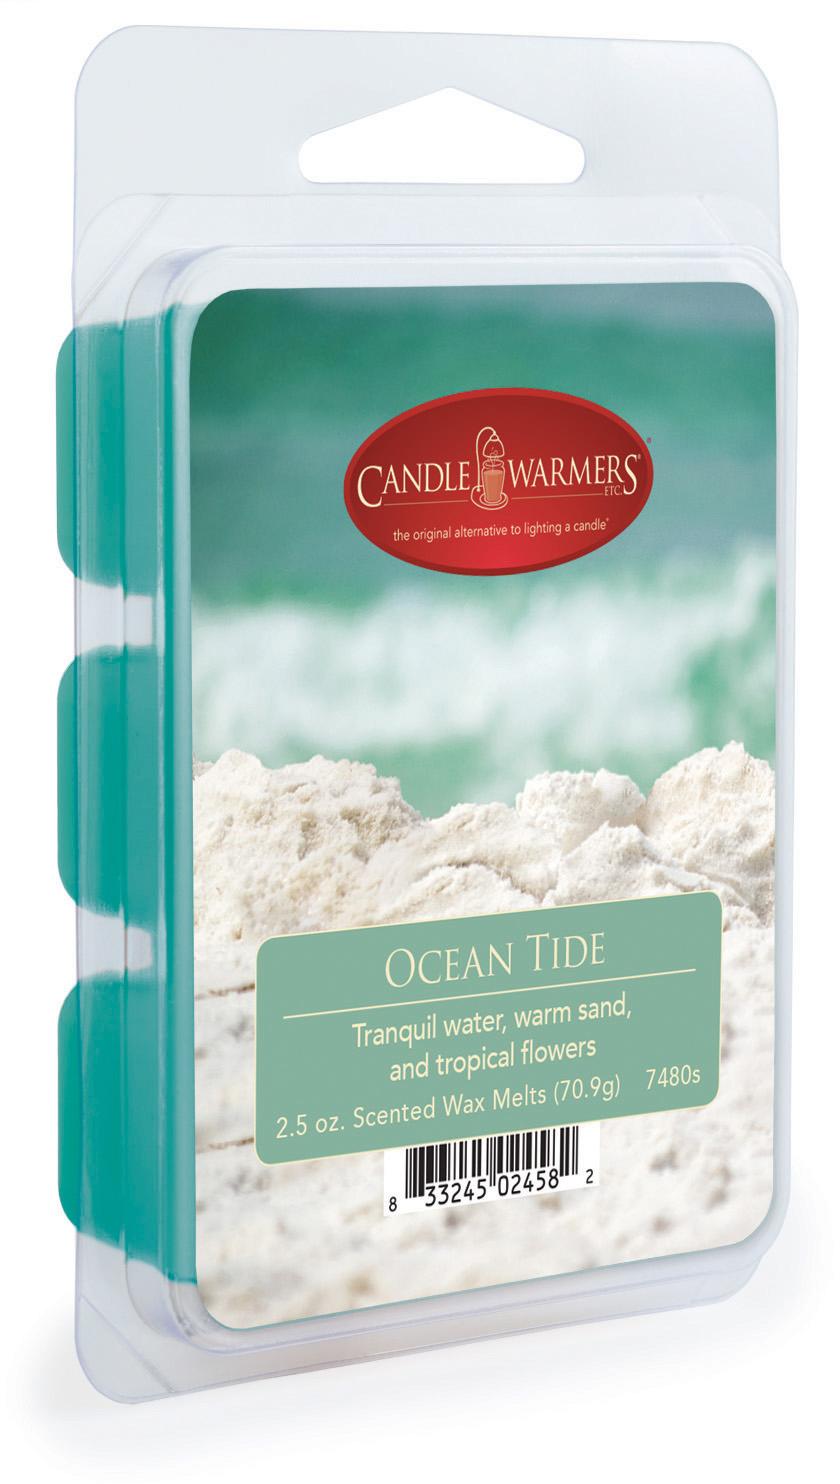 Воск ароматический Candle Warmers Волны океана / Ocean Tide, цвет: голубой, 75 г ольга юречко донатас банионис волны океана соляриса